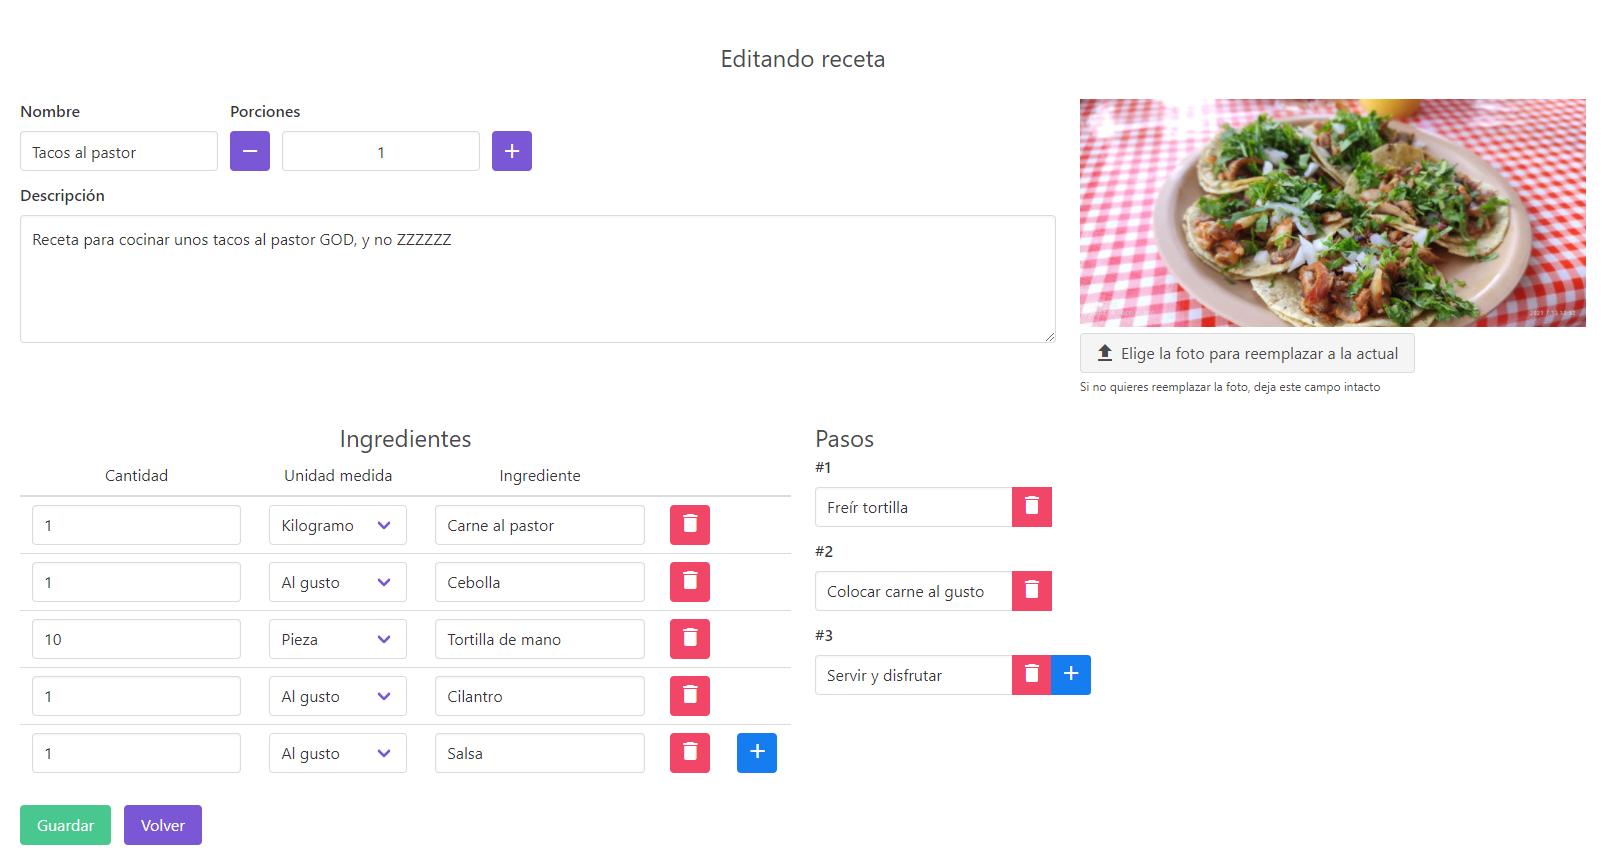 Editando receta - Modificar pasos, foto, ingredientes, nombre, porciones o descripción